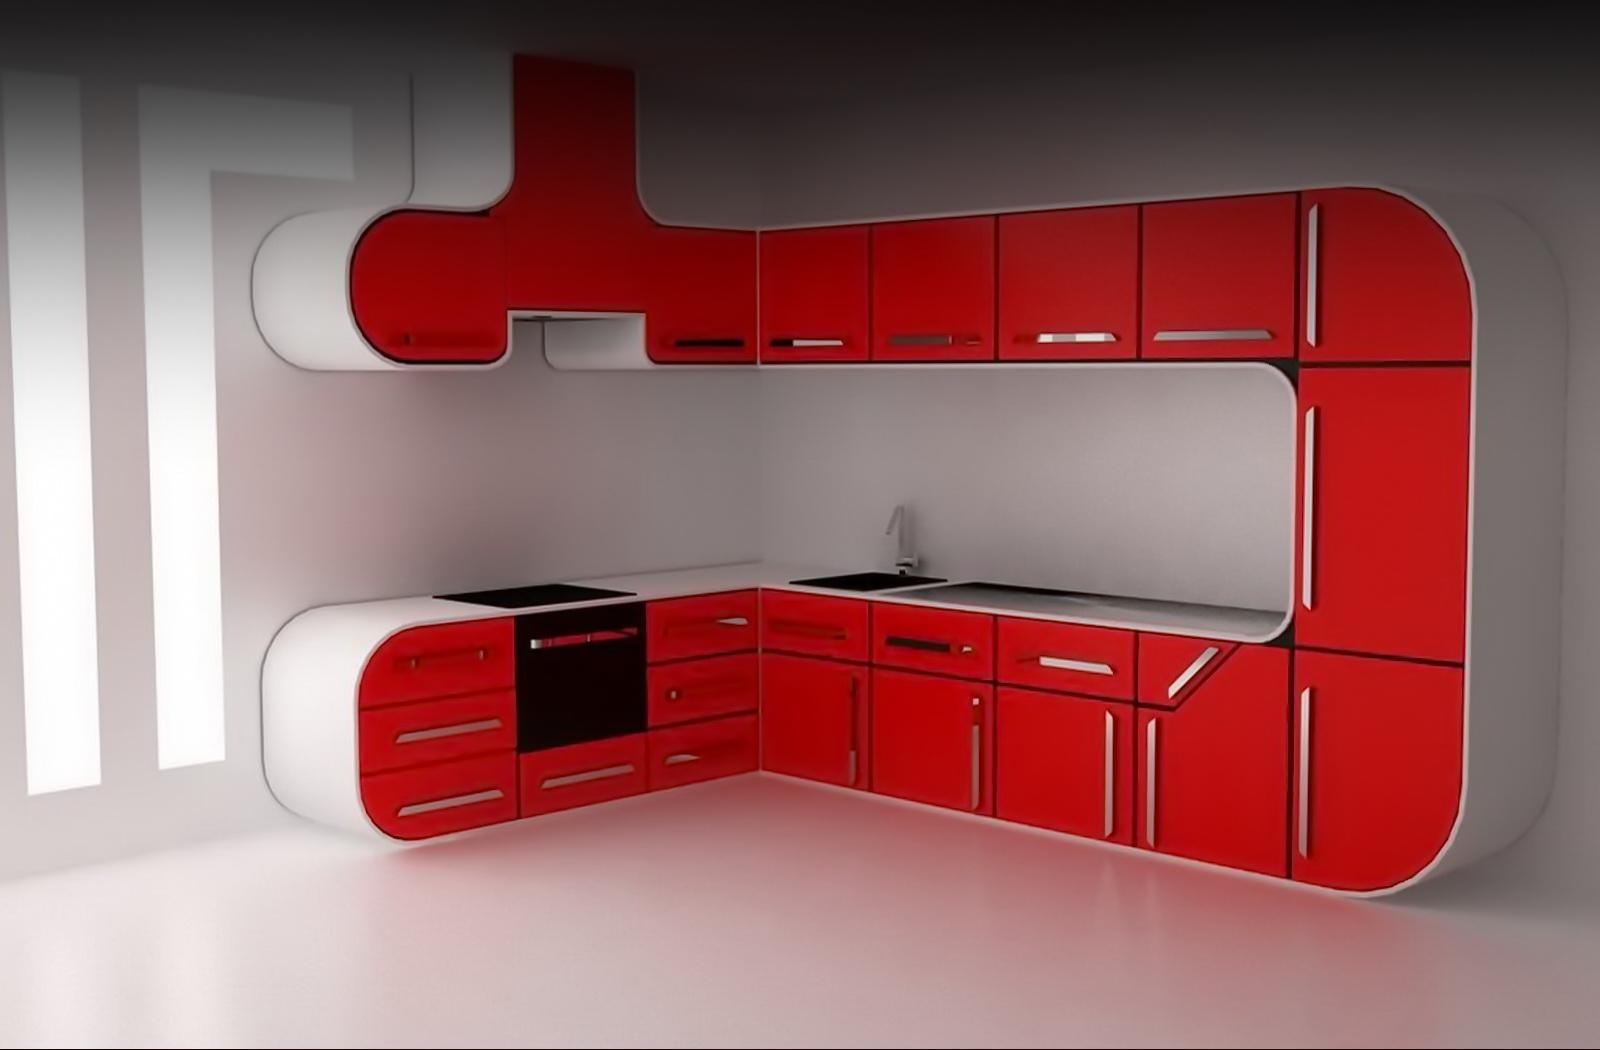 Белая кухня в современном стиле 2 фото